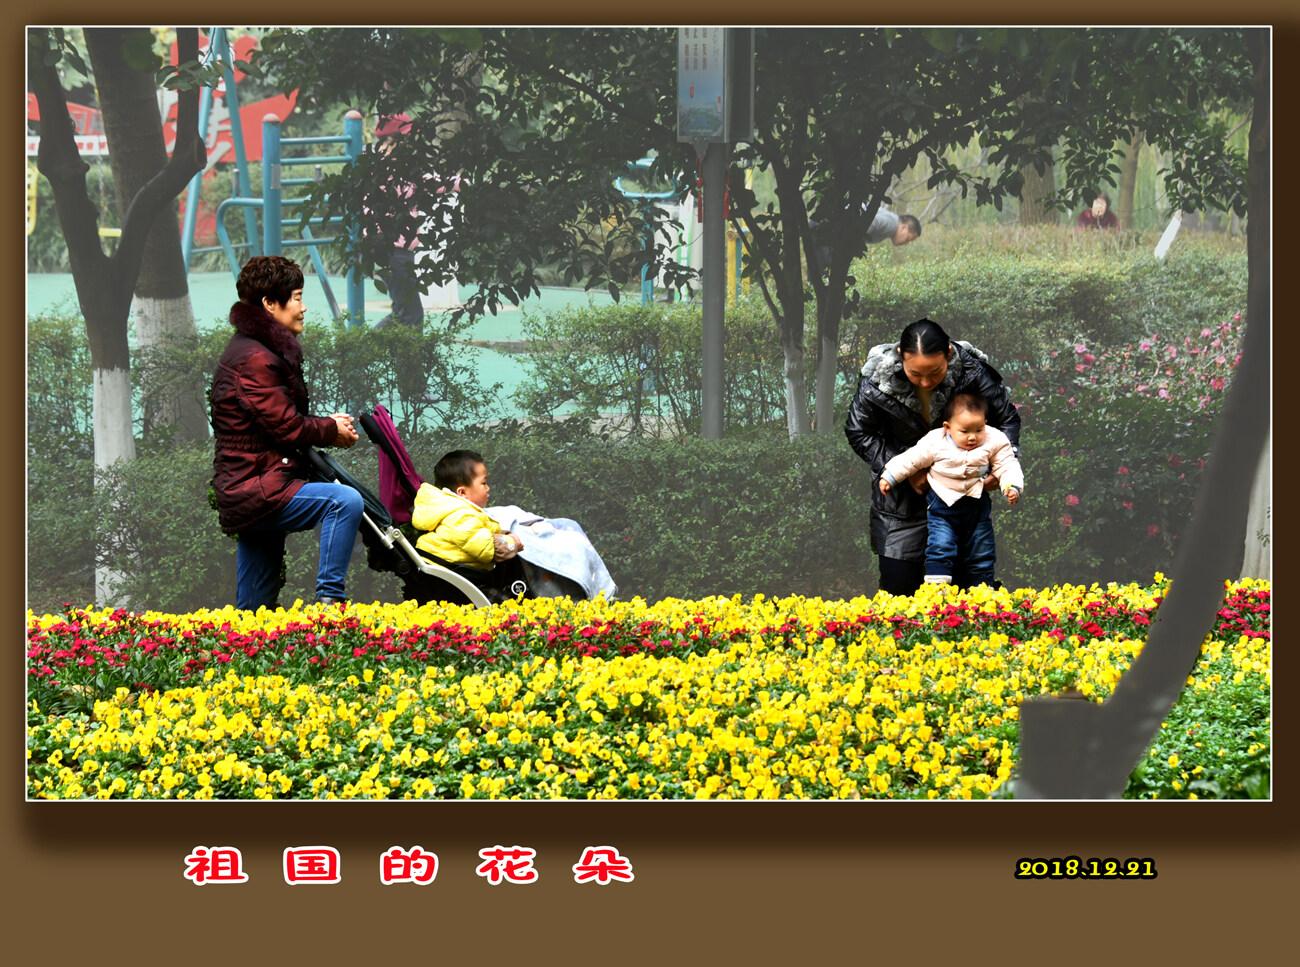 DSC_6286.jpg祖国的花朵.jpg 2.jpg